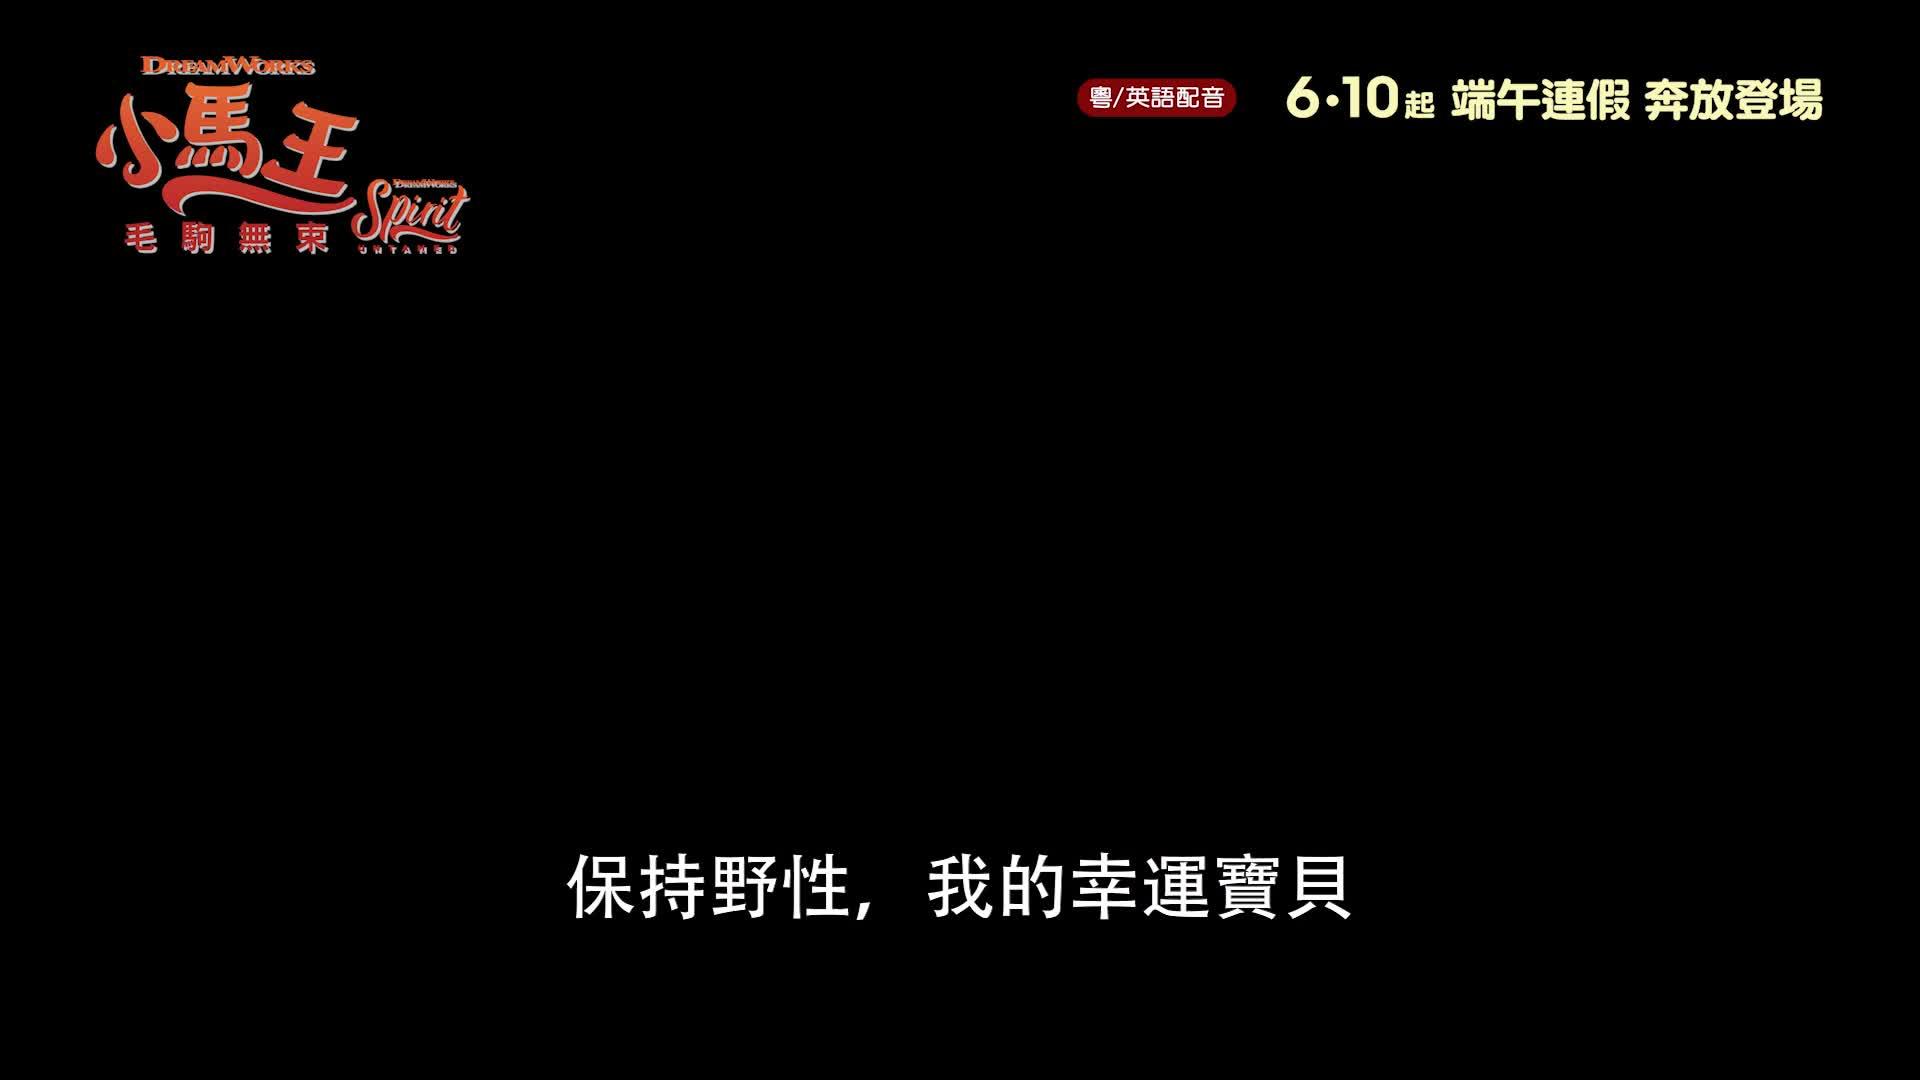 《小馬王:毛駒無束》電影預告